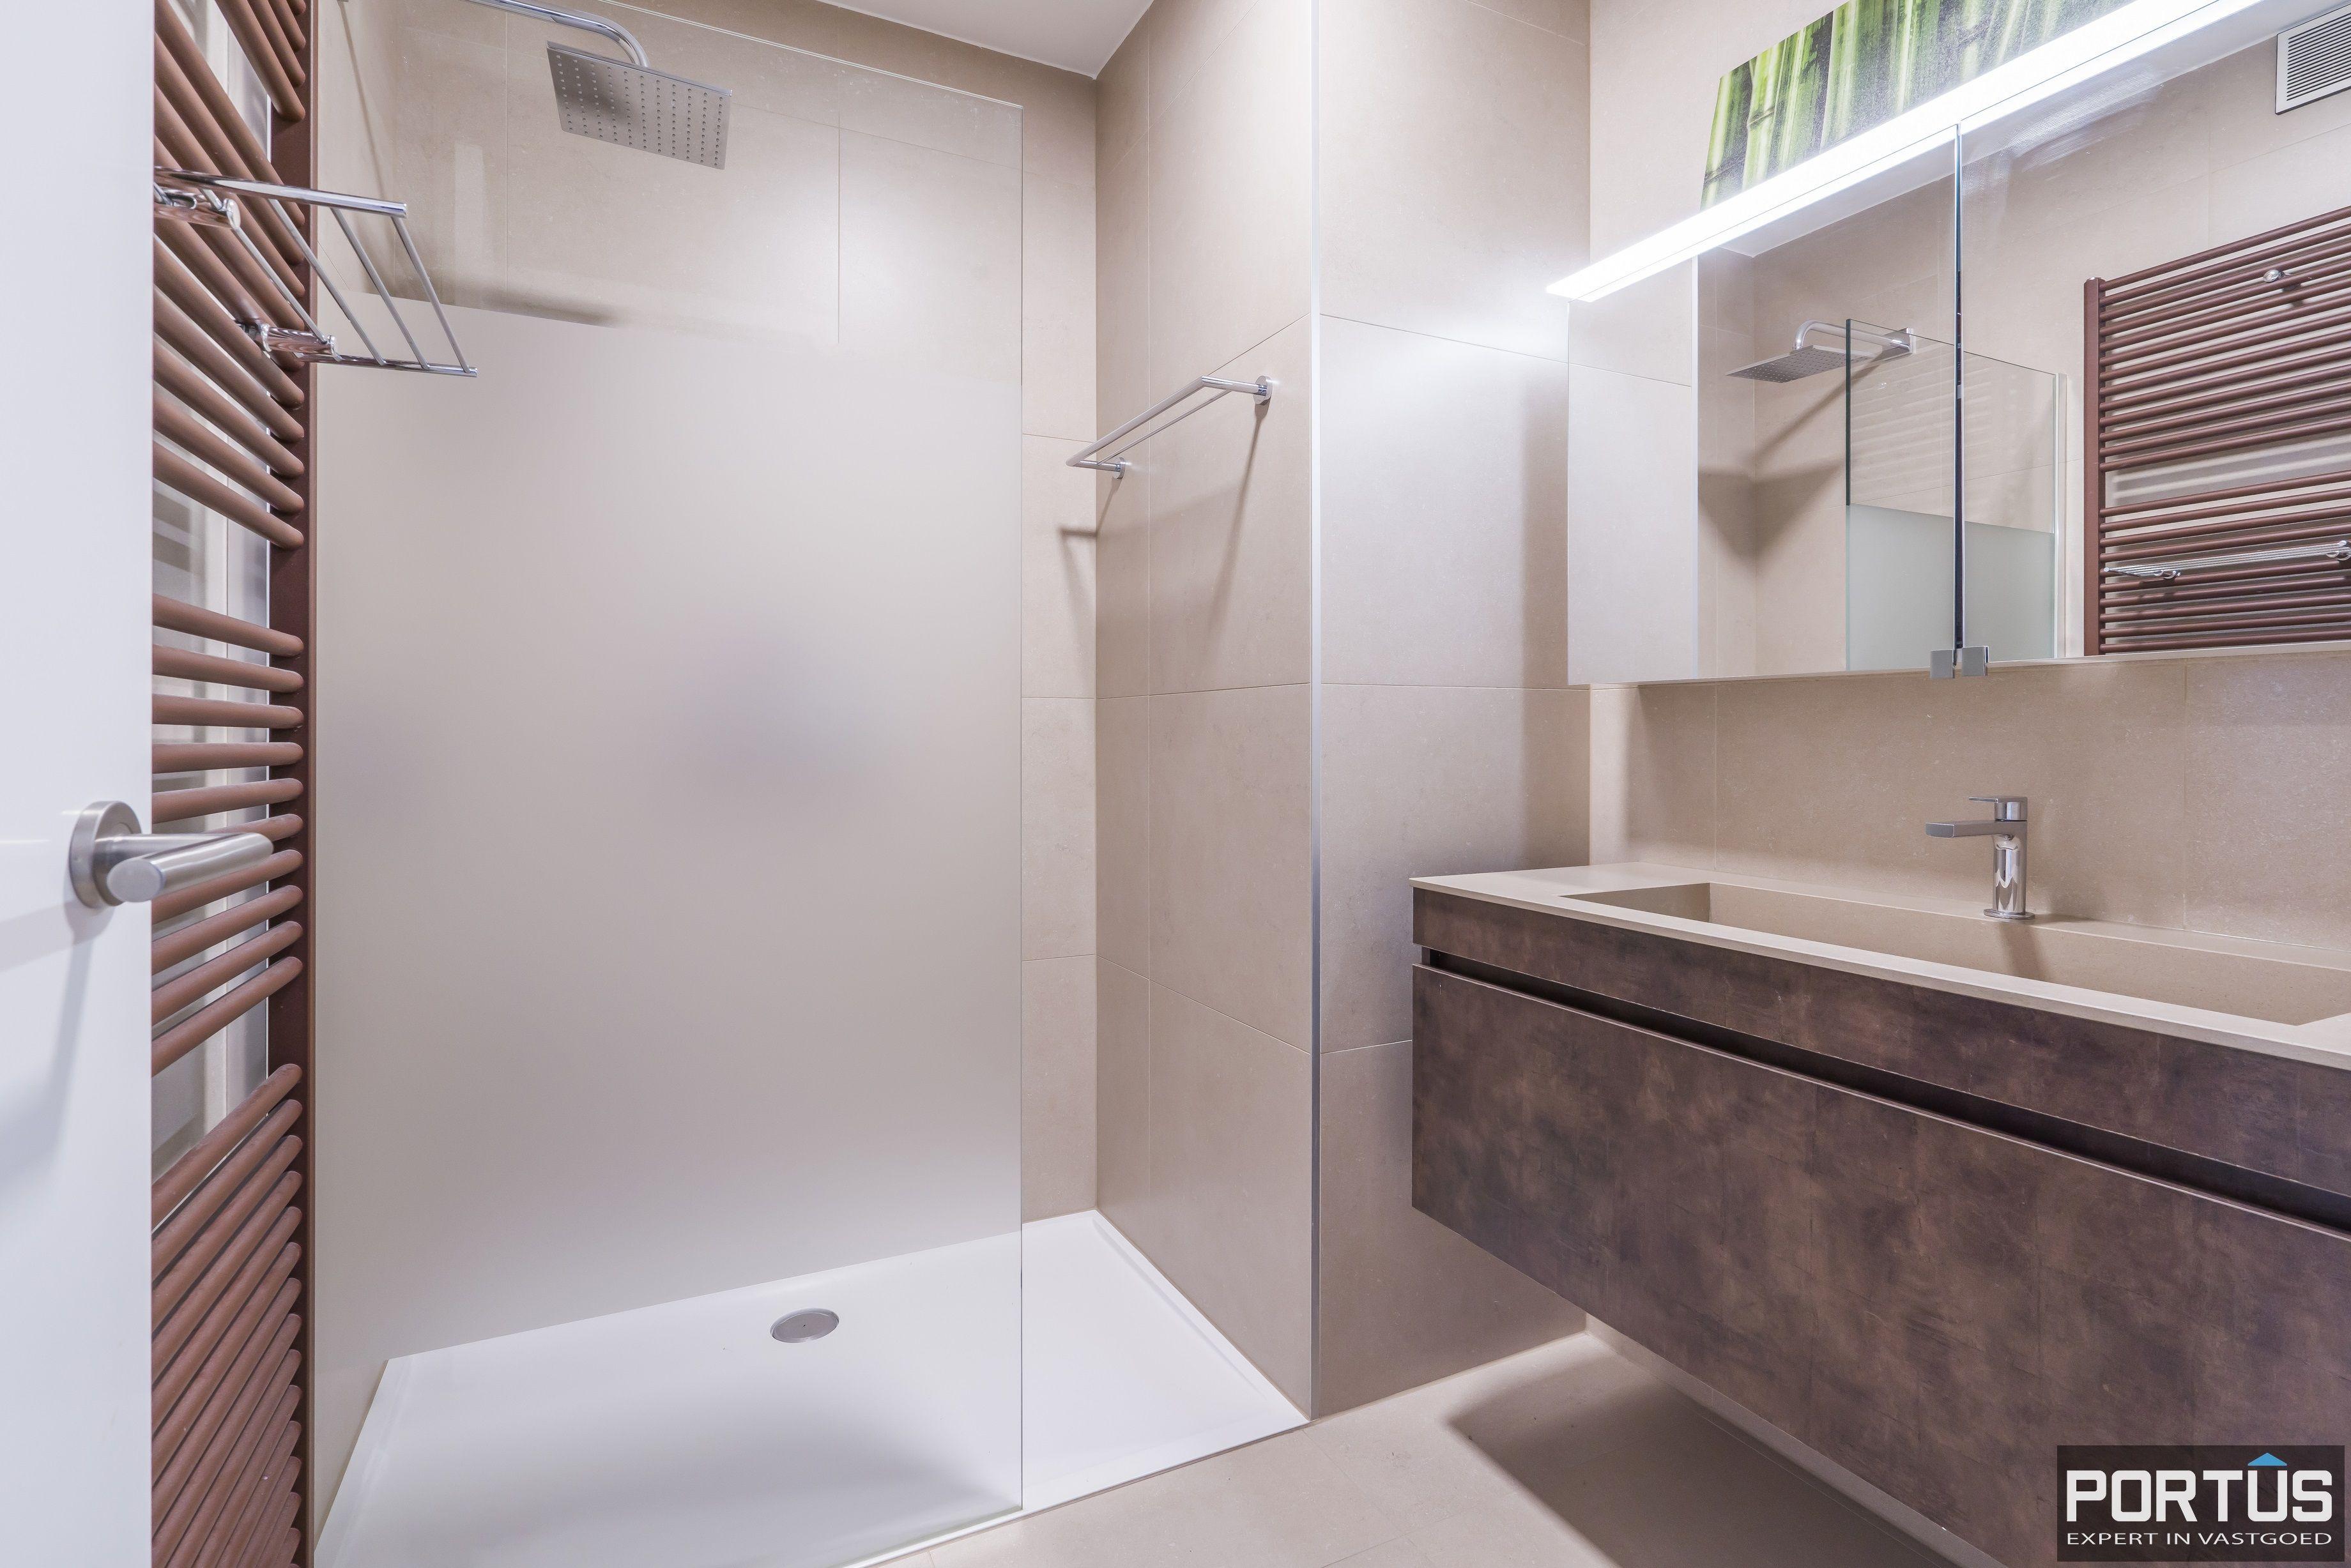 Recent appartement te koop te Nieuwpoort met frontaal zeezicht - 13048